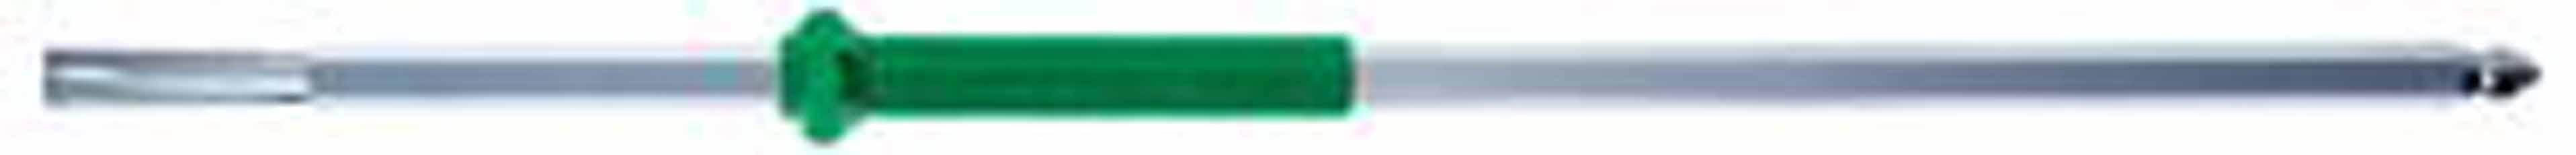 Zeskantstiftsleutel Torx T9 WIHA 26059